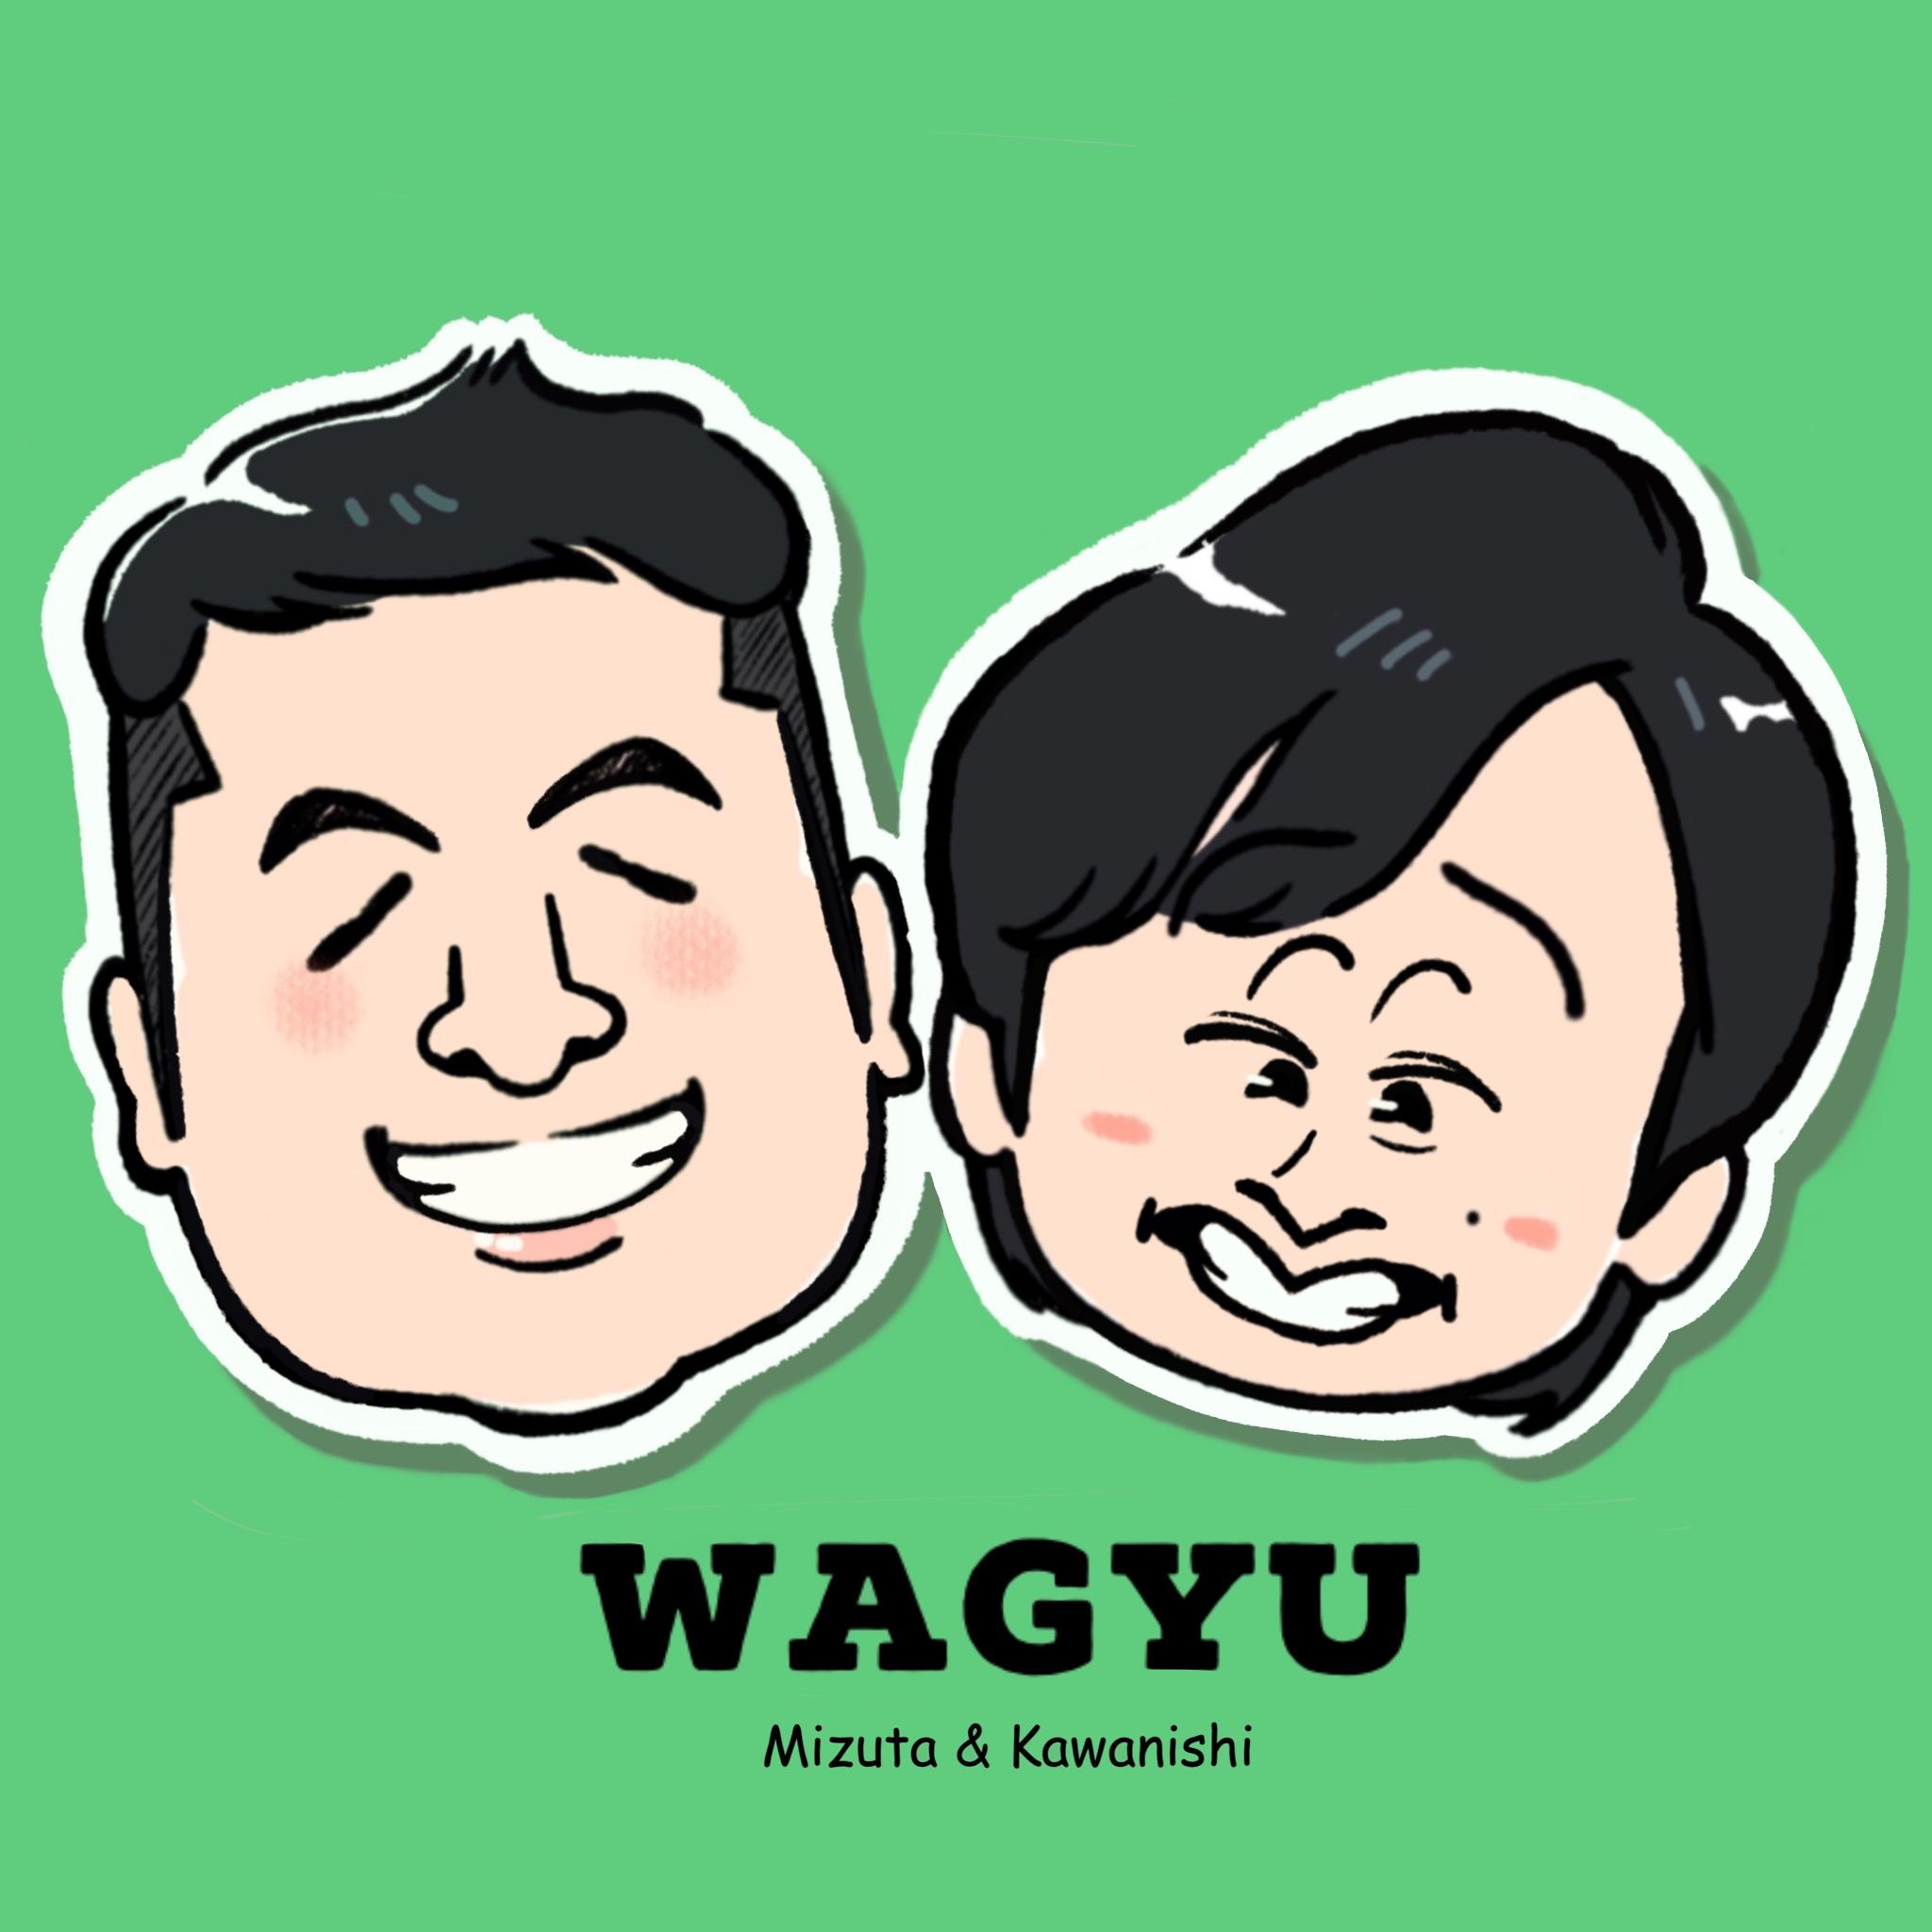 お笑いコンビ『和牛』の似顔絵を描くコツ、川西さんの人気は時代が追いついた〇〇目!?